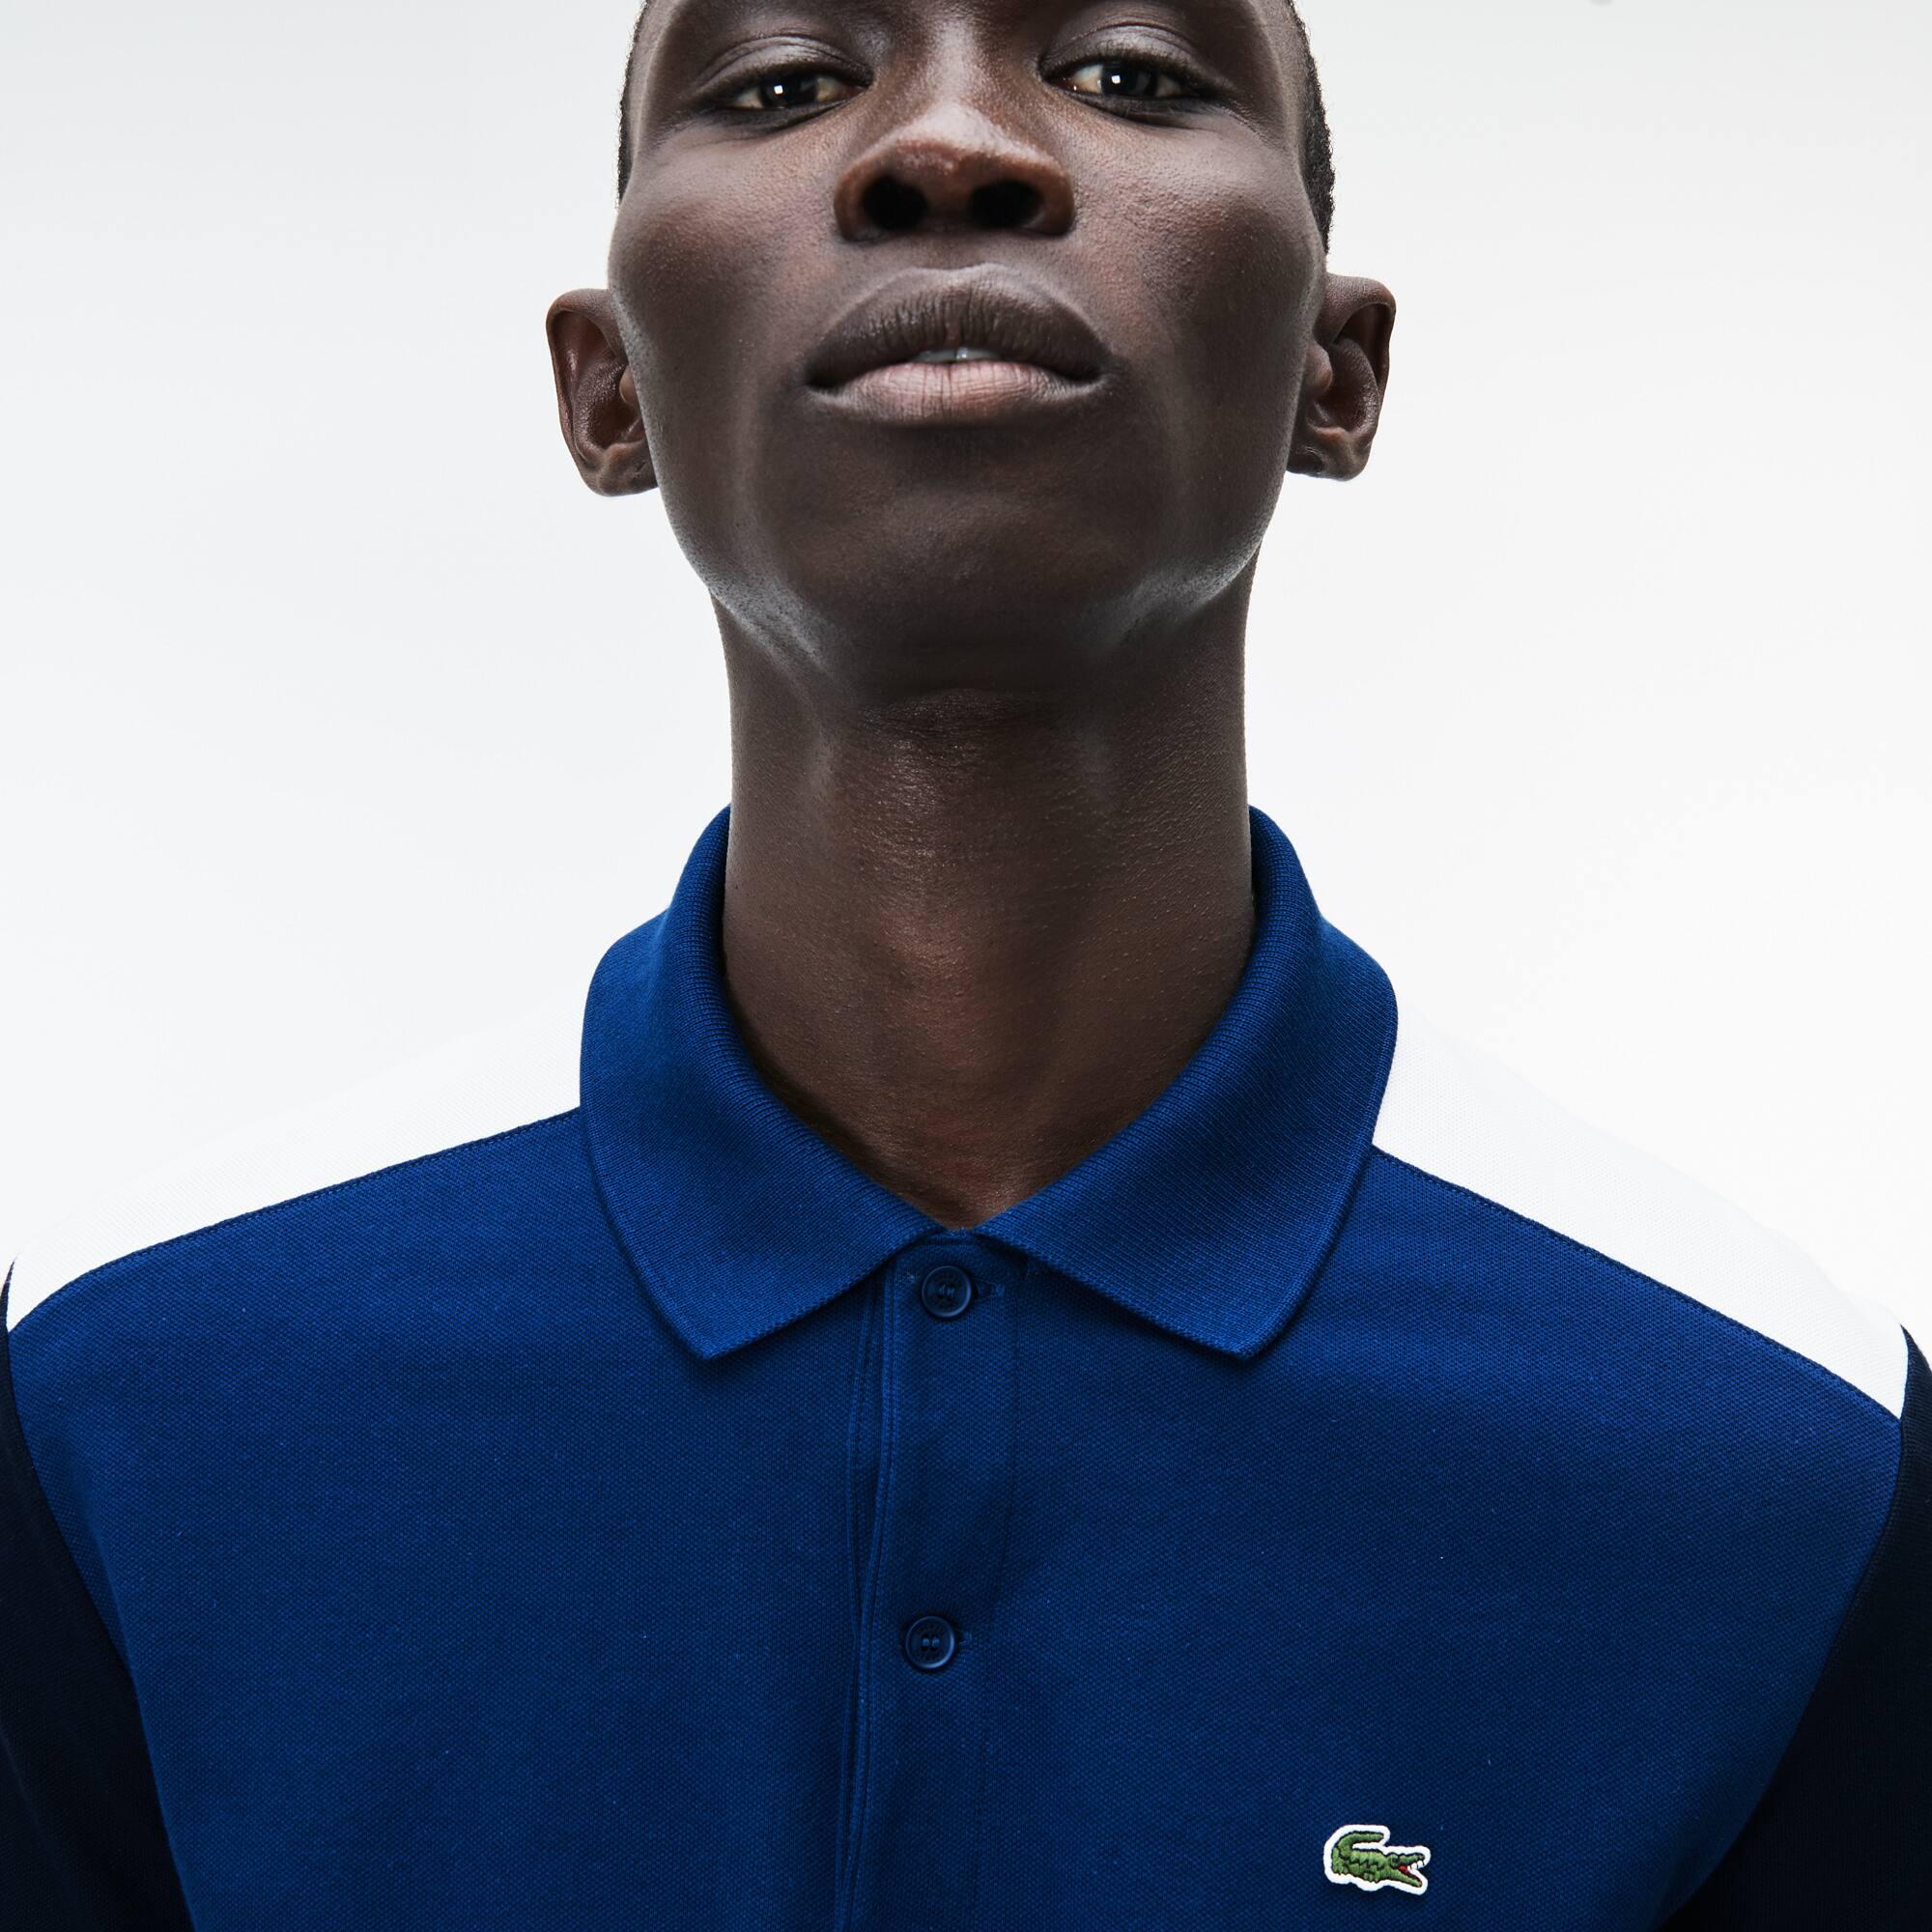 Men's Lacoste Slim Fit Colorblock Stretch Pima Cotton Piqué Polo Shirt